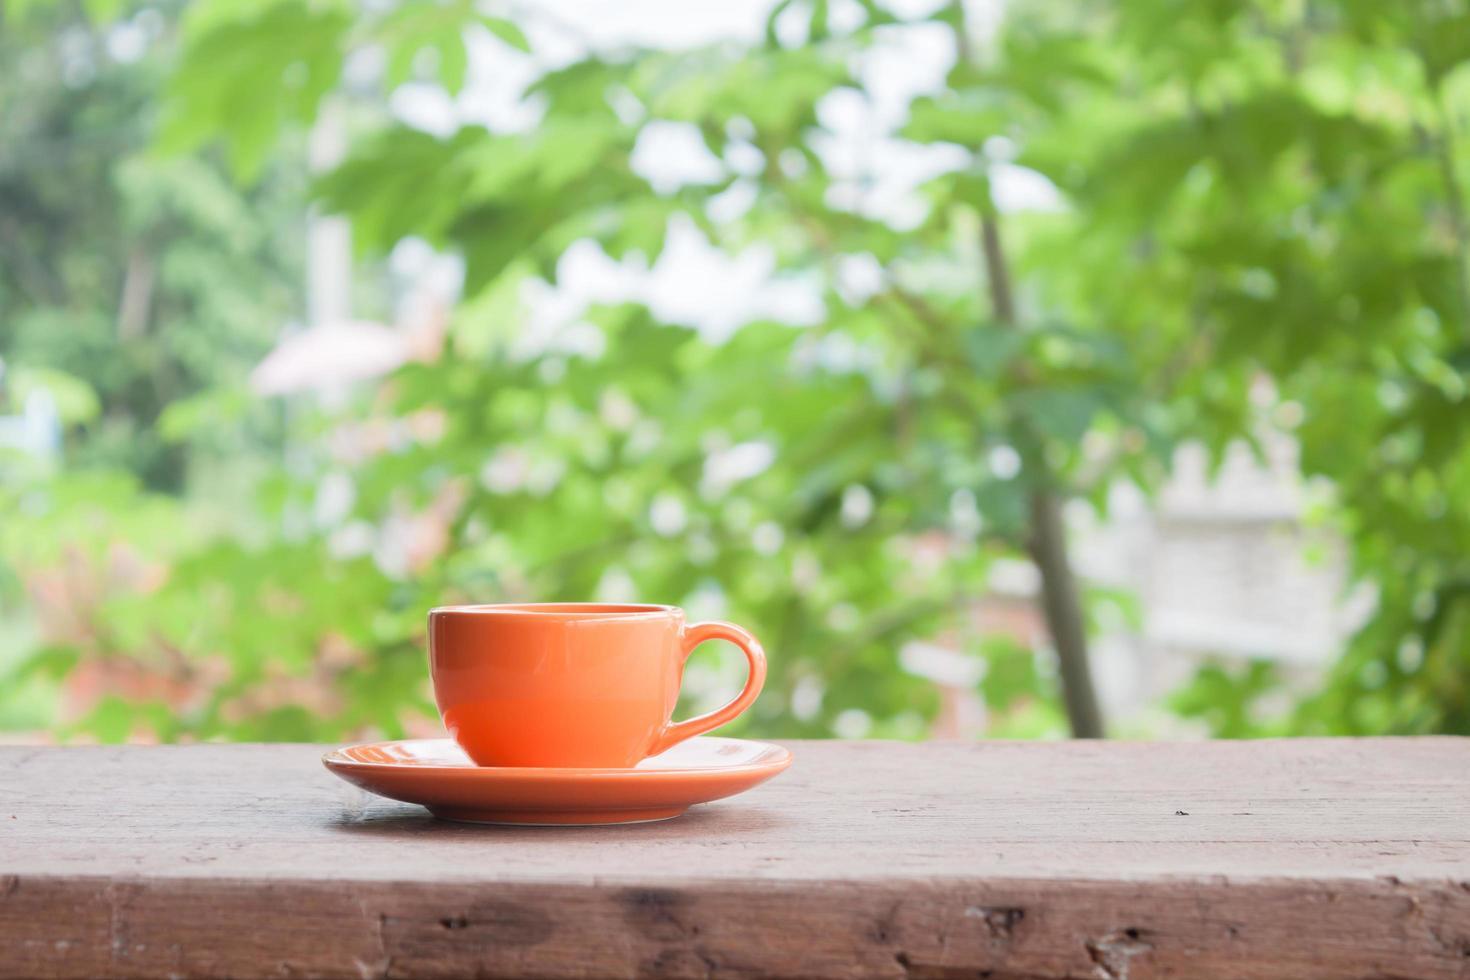 orange Tasse auf einem Tisch draußen foto